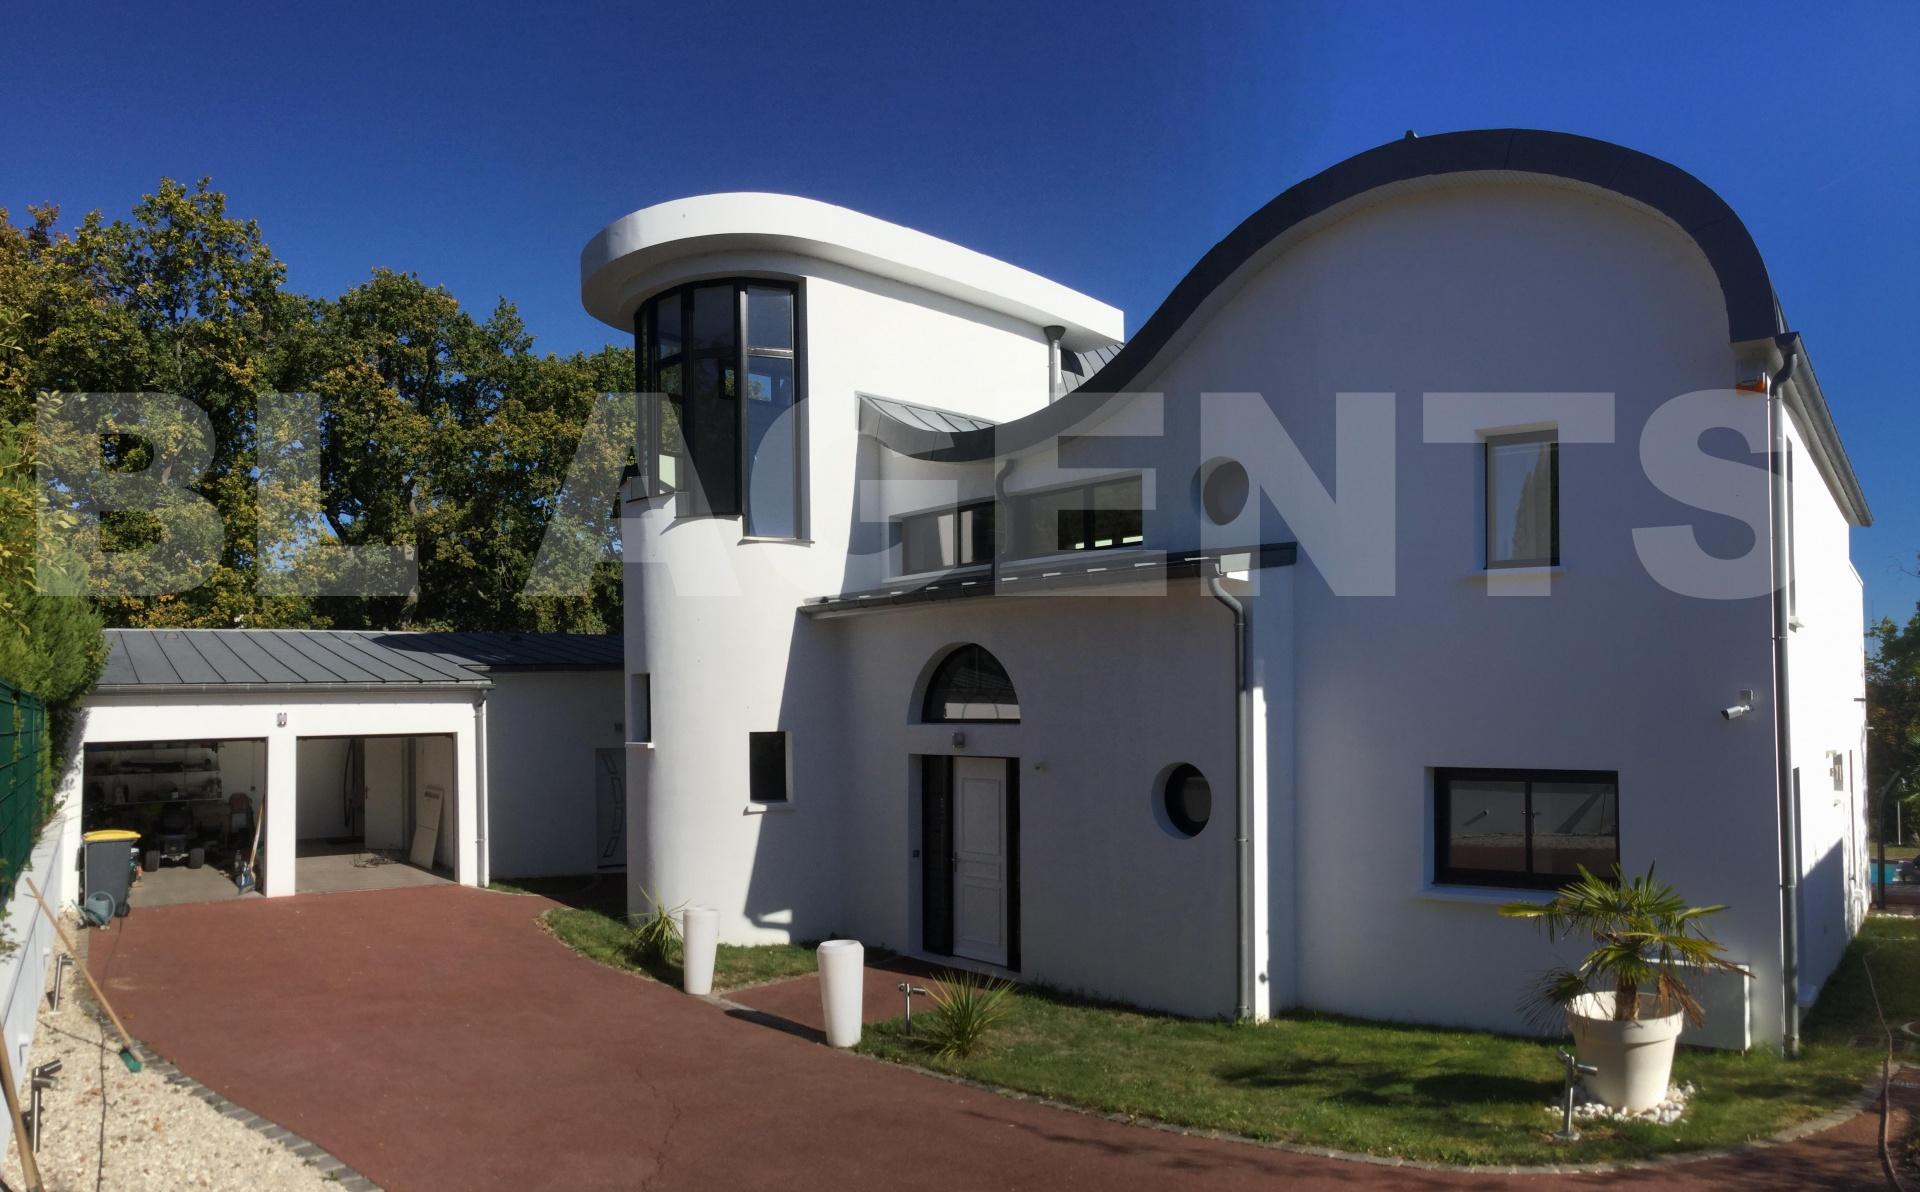 Vente Maison à Saint-Fargeau-Ponthierry 8 pièces 356m² 2 200 000 ... f73d3250ef80